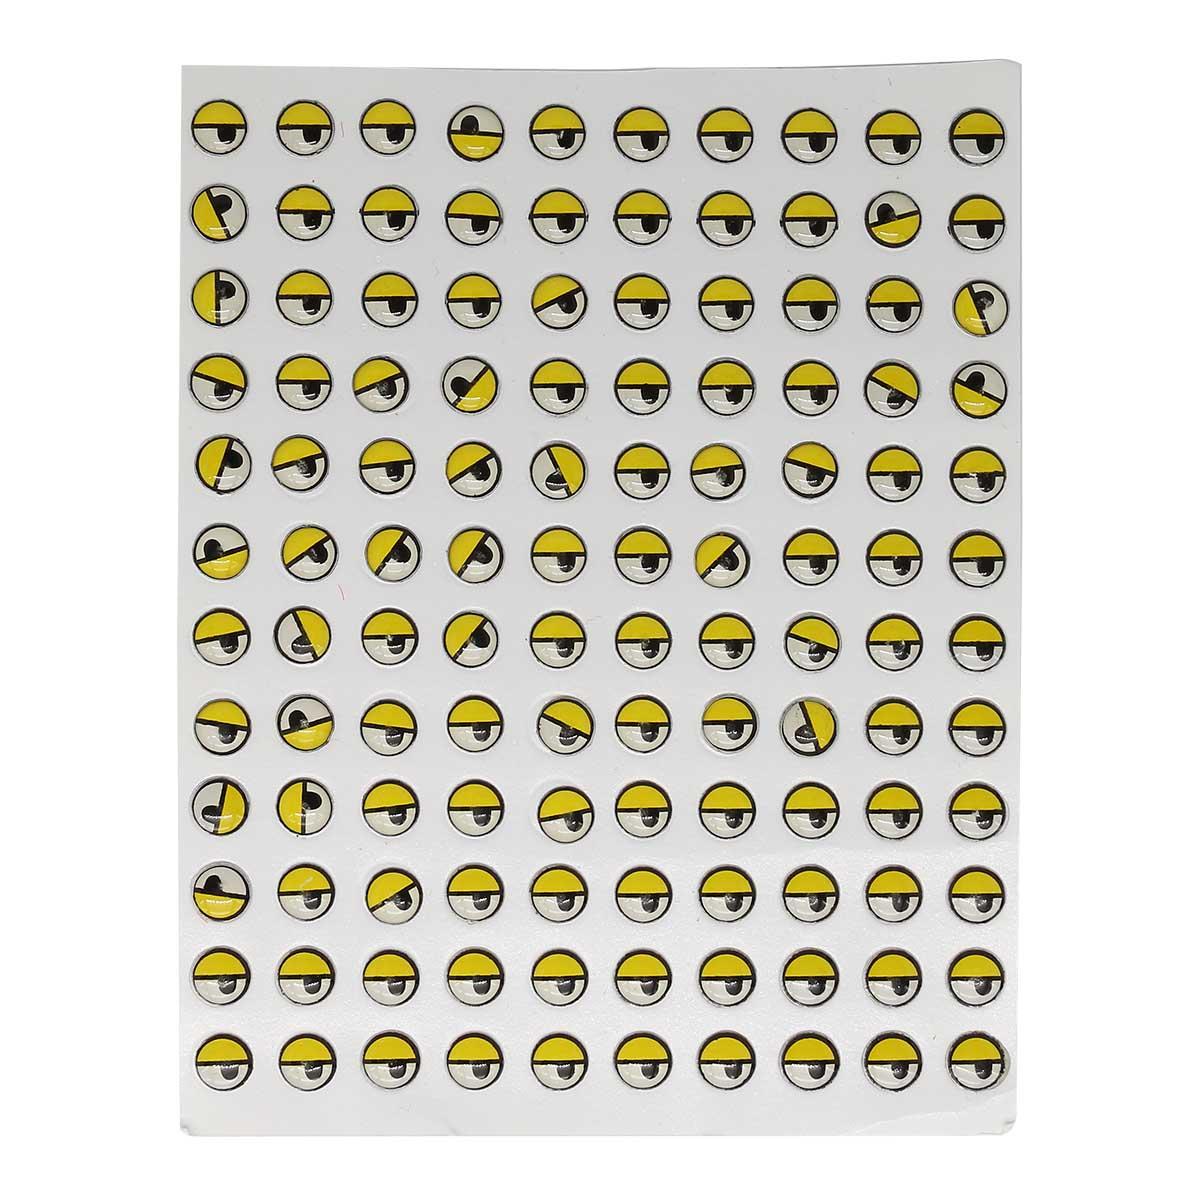 20762 Глаза на клеевой основе 7-12101, 7мм уп/120 шт